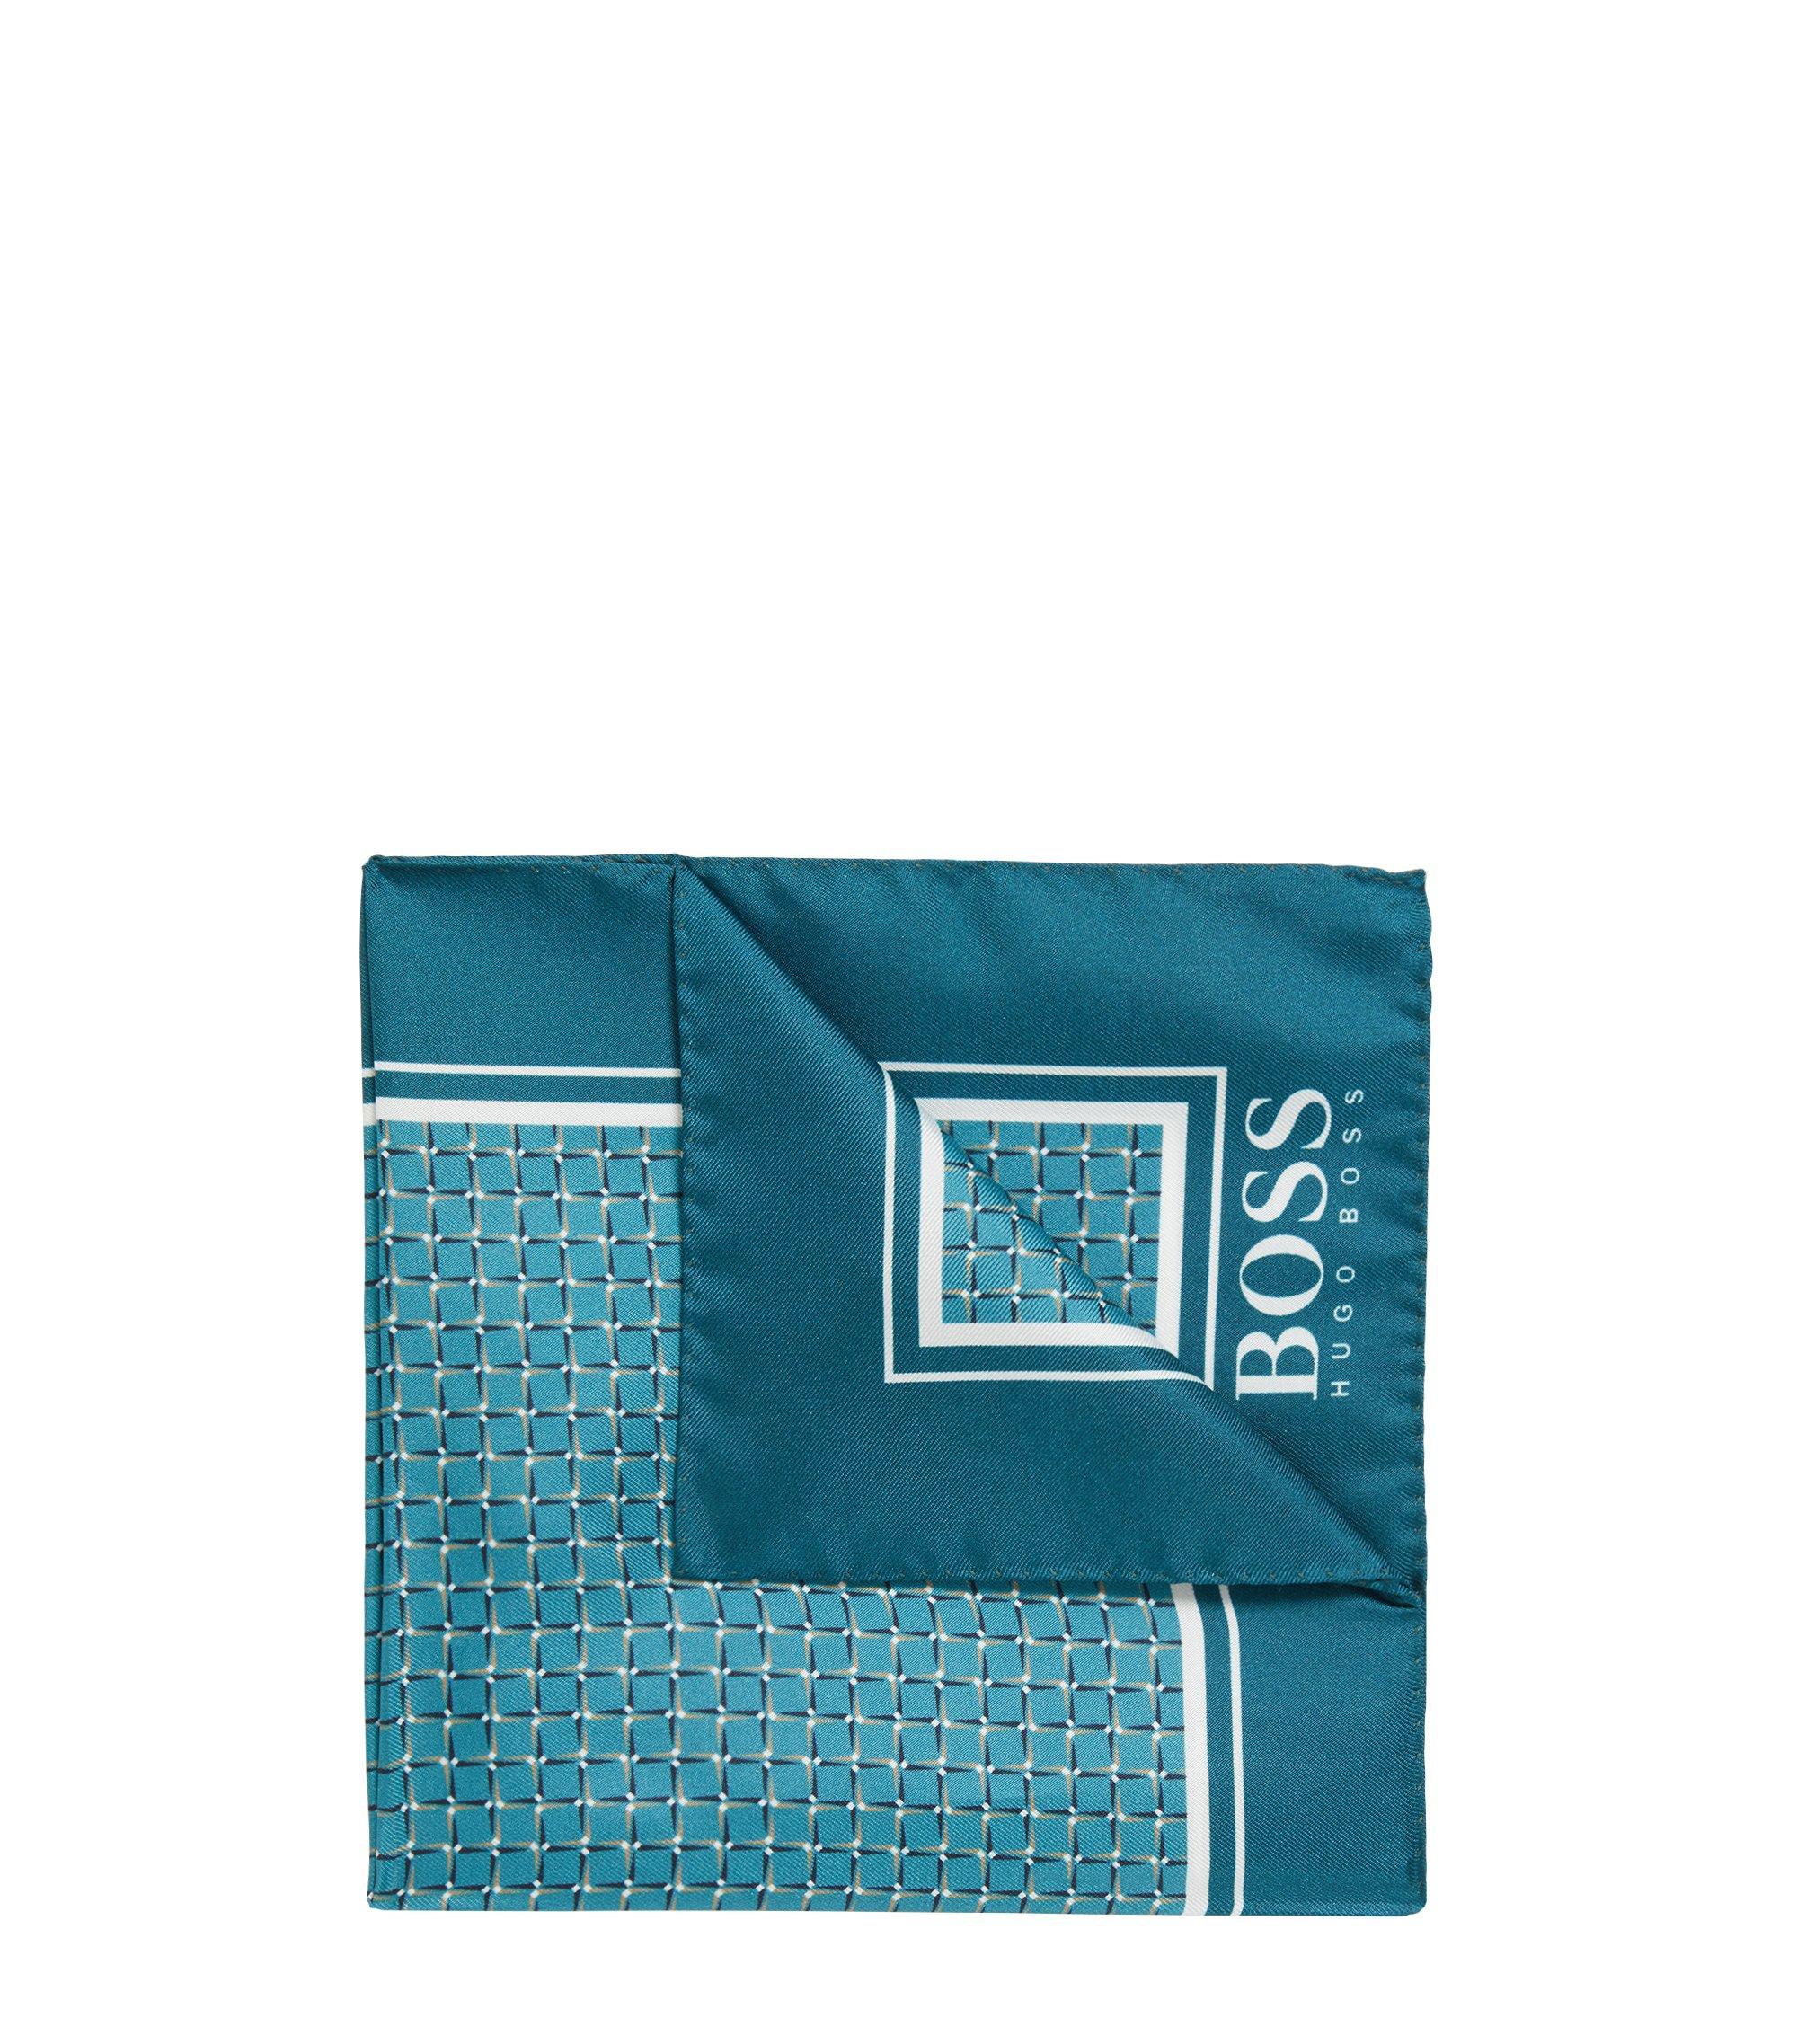 Pochette da taschino in seta con motivo a quadri stampato in digitale, Turchese